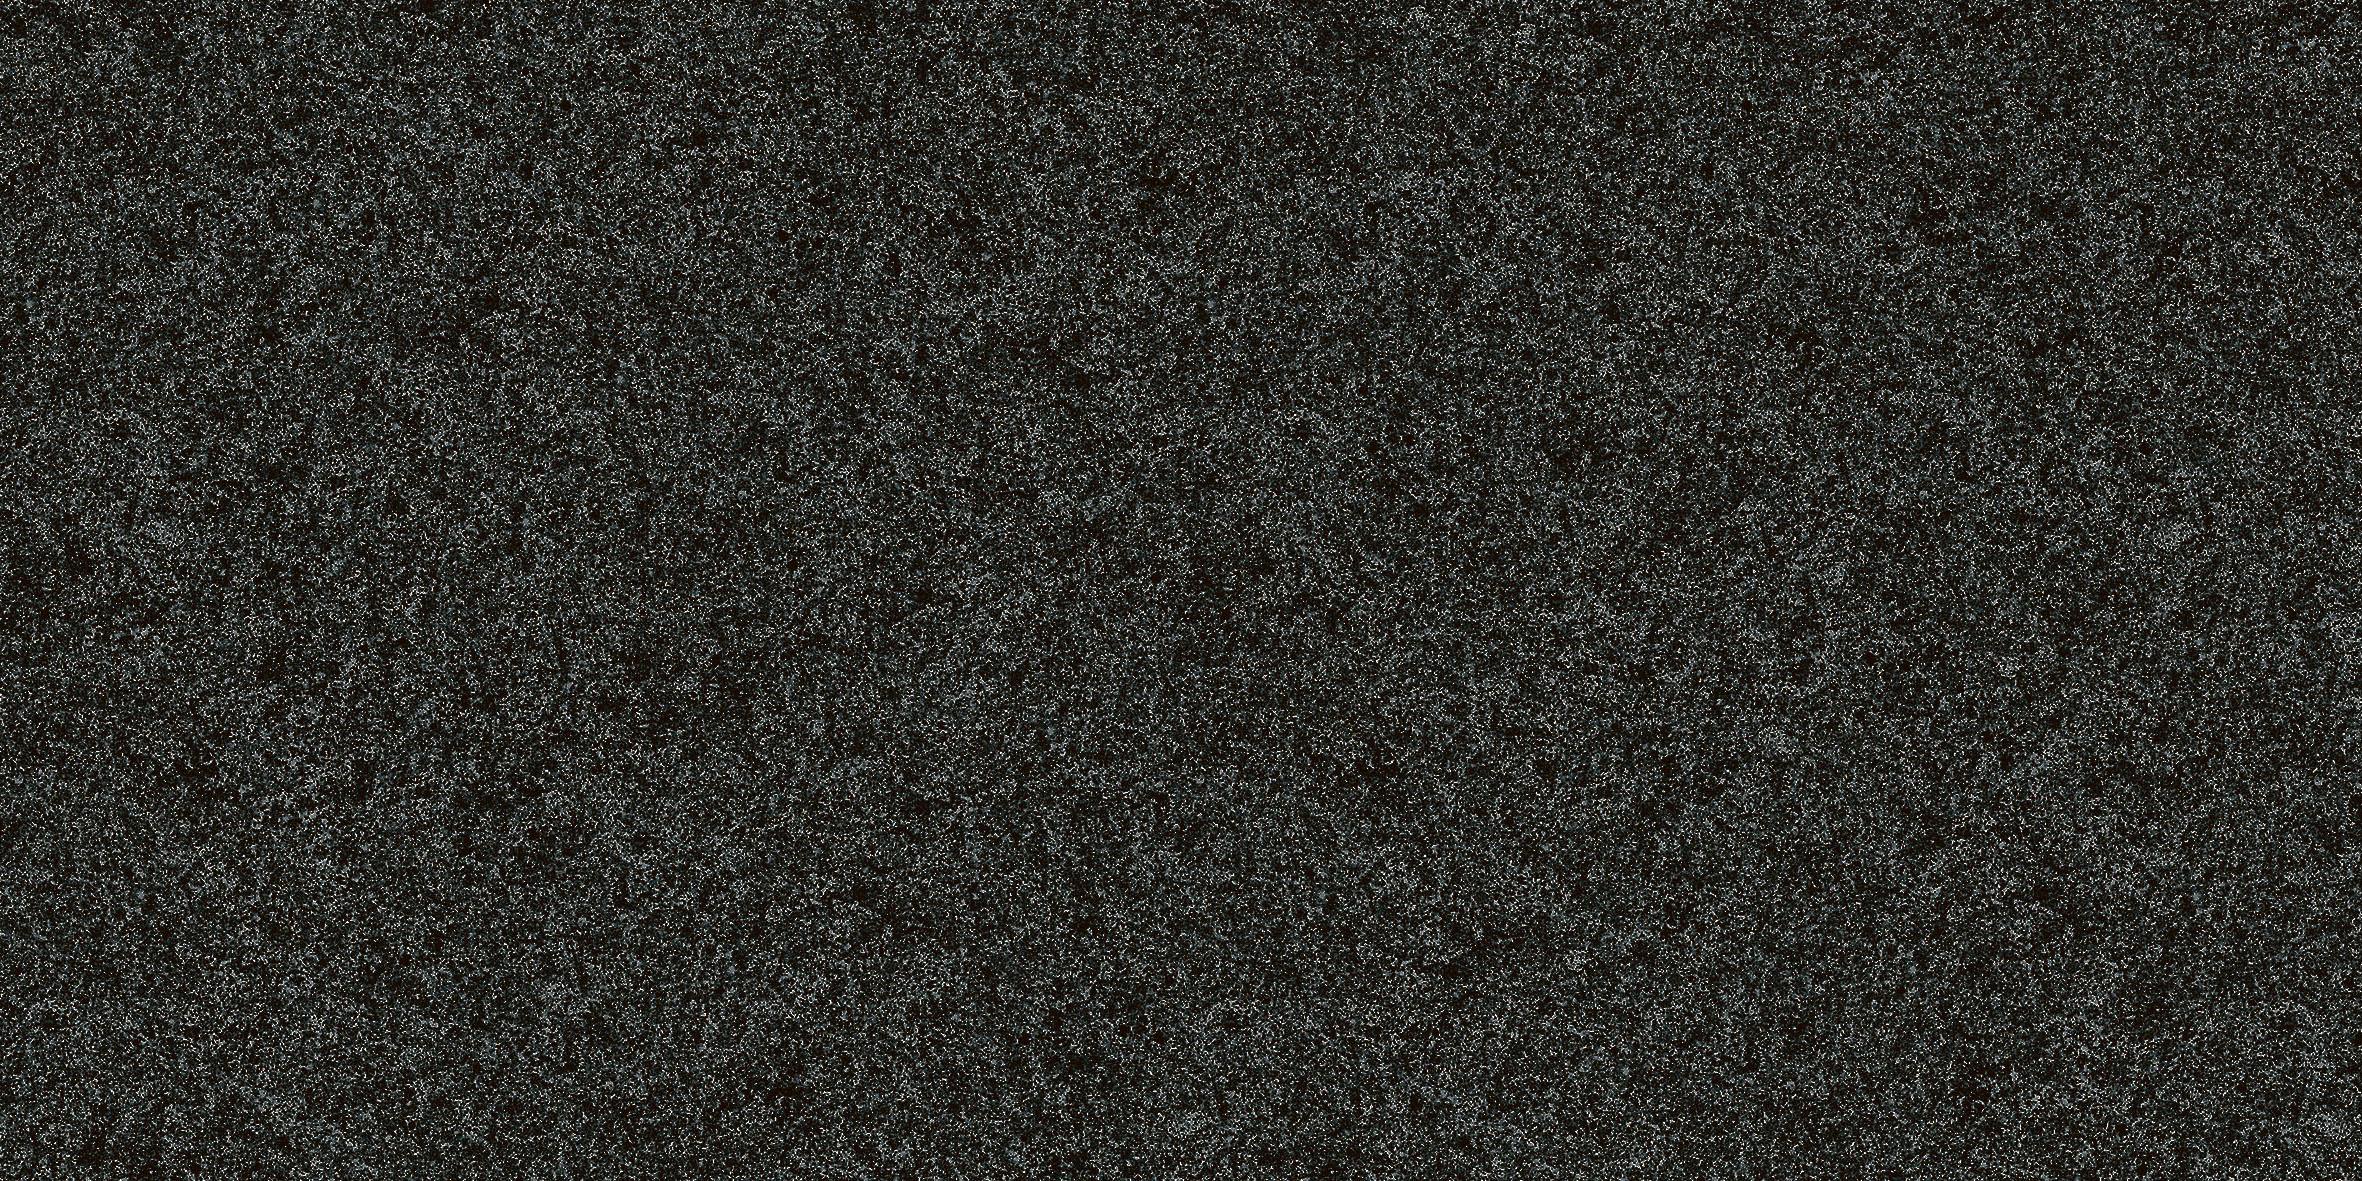 36HG03C中国黑